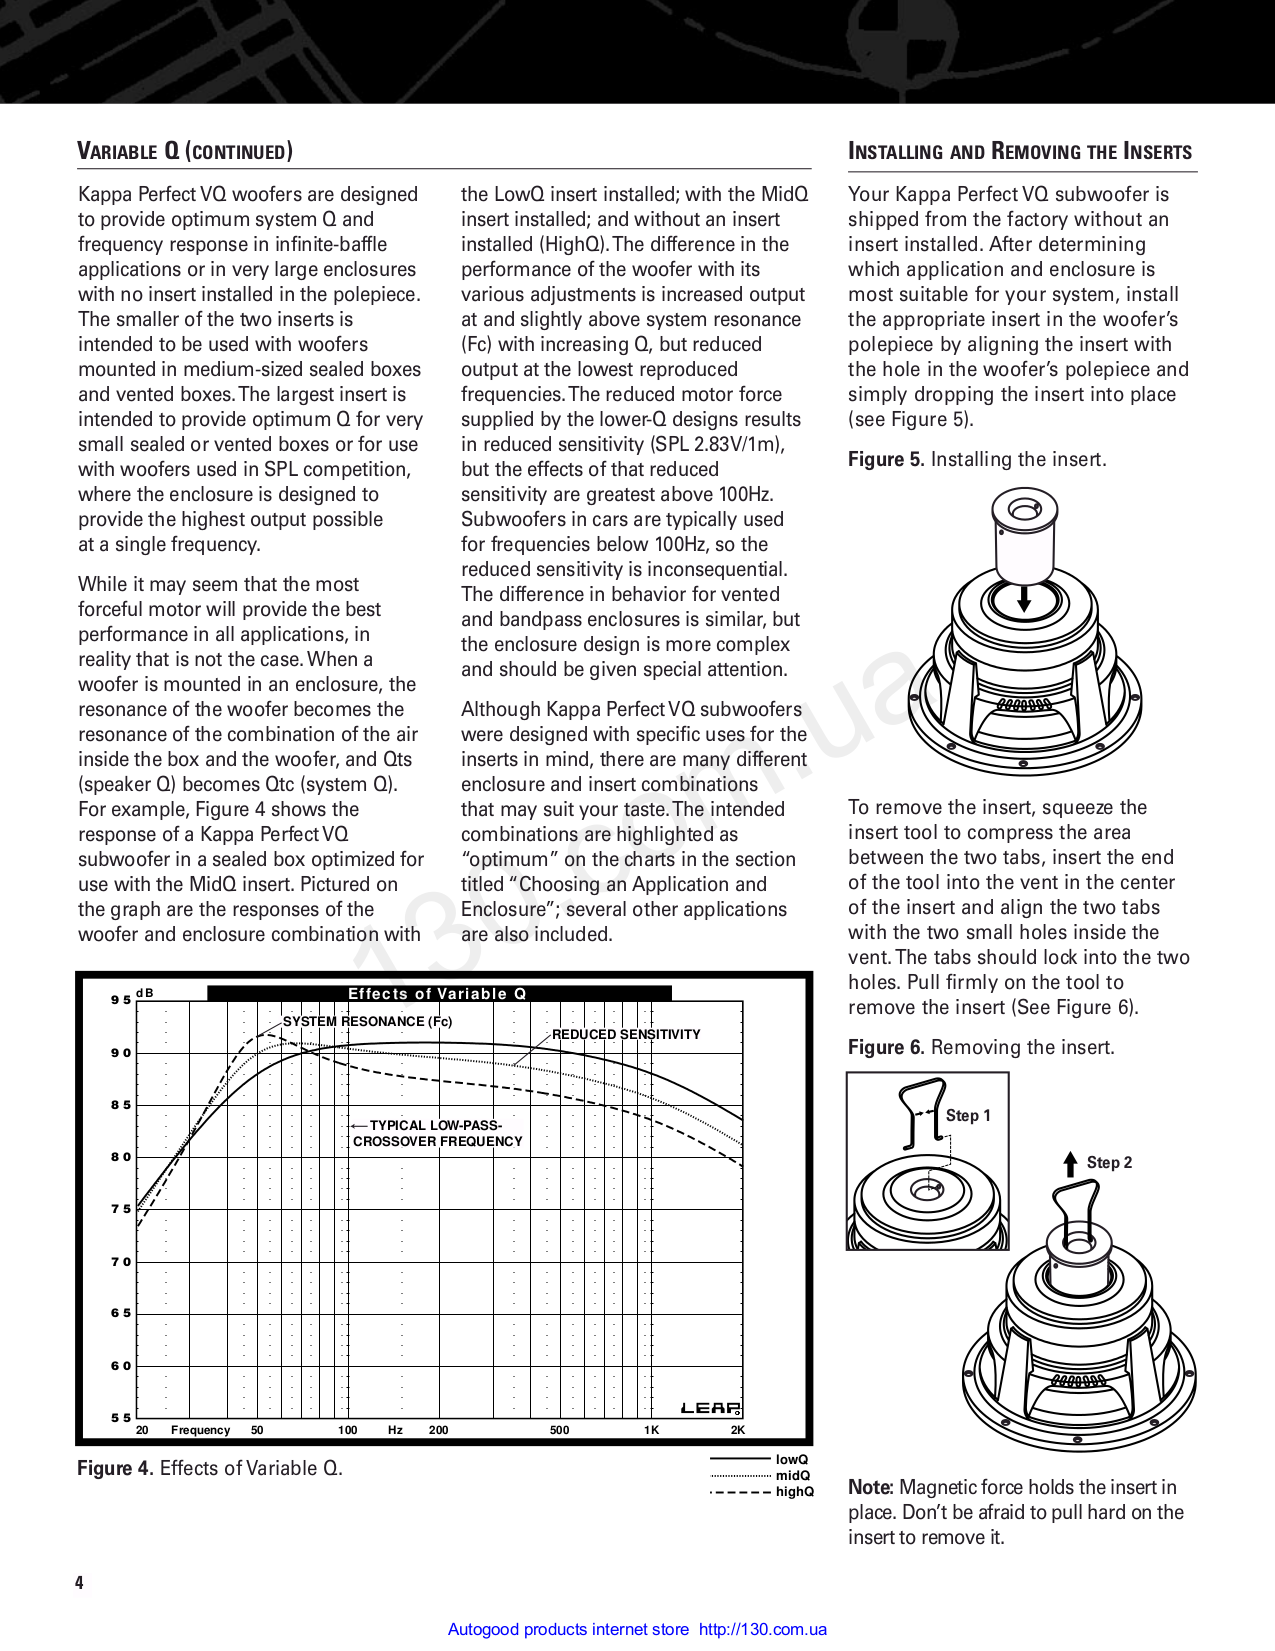 nowy przyjeżdża Darmowa dostawa oficjalny sklep PDF manual for Infinity Subwoofer Kappa Series perfect 10 VQ